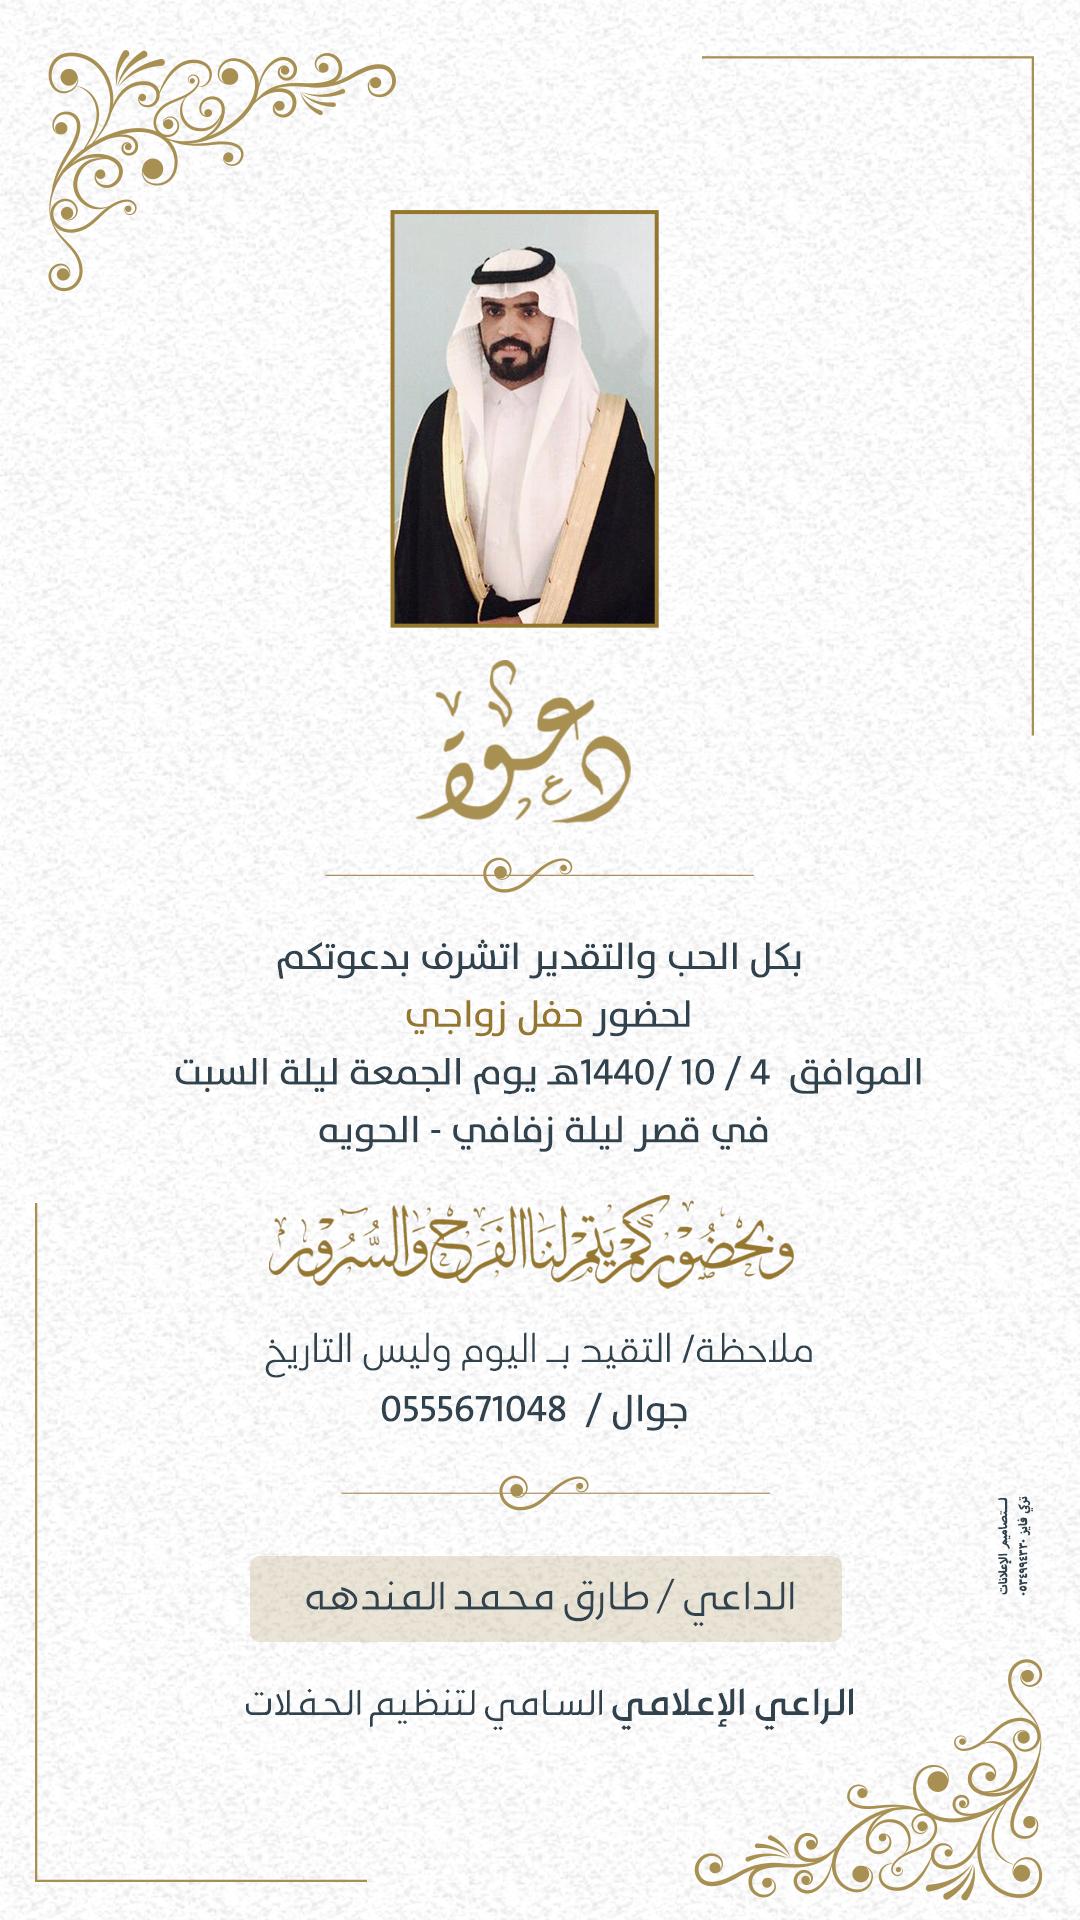 لتصميم دعواتكم الاحترافية Wedding Logo Design Digital Wedding Invitations Design Free Business Card Design